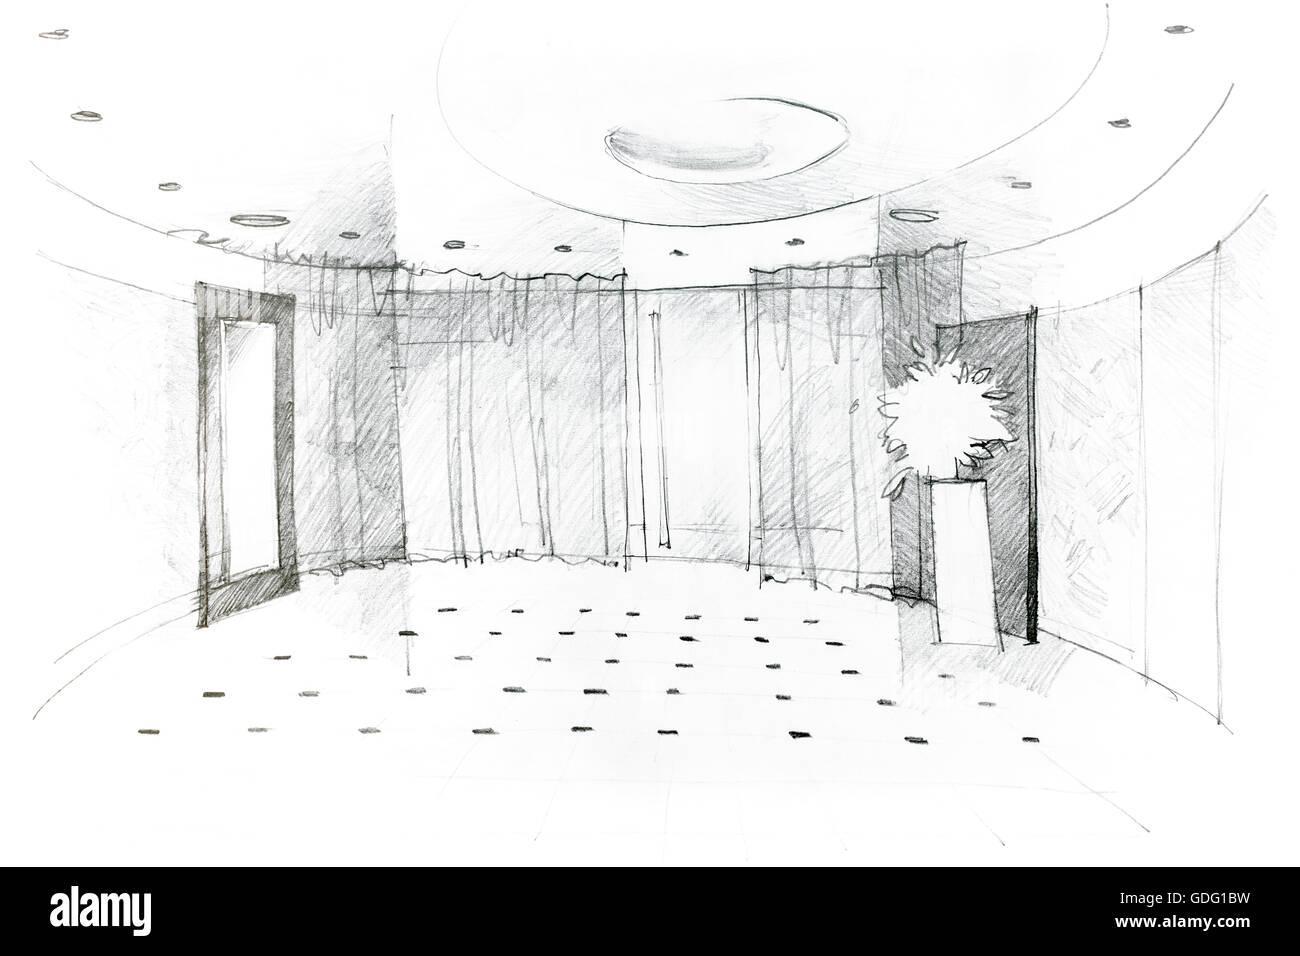 Freihand Monochrome Zeichnung der modernen Halle-Design-Konzept ...